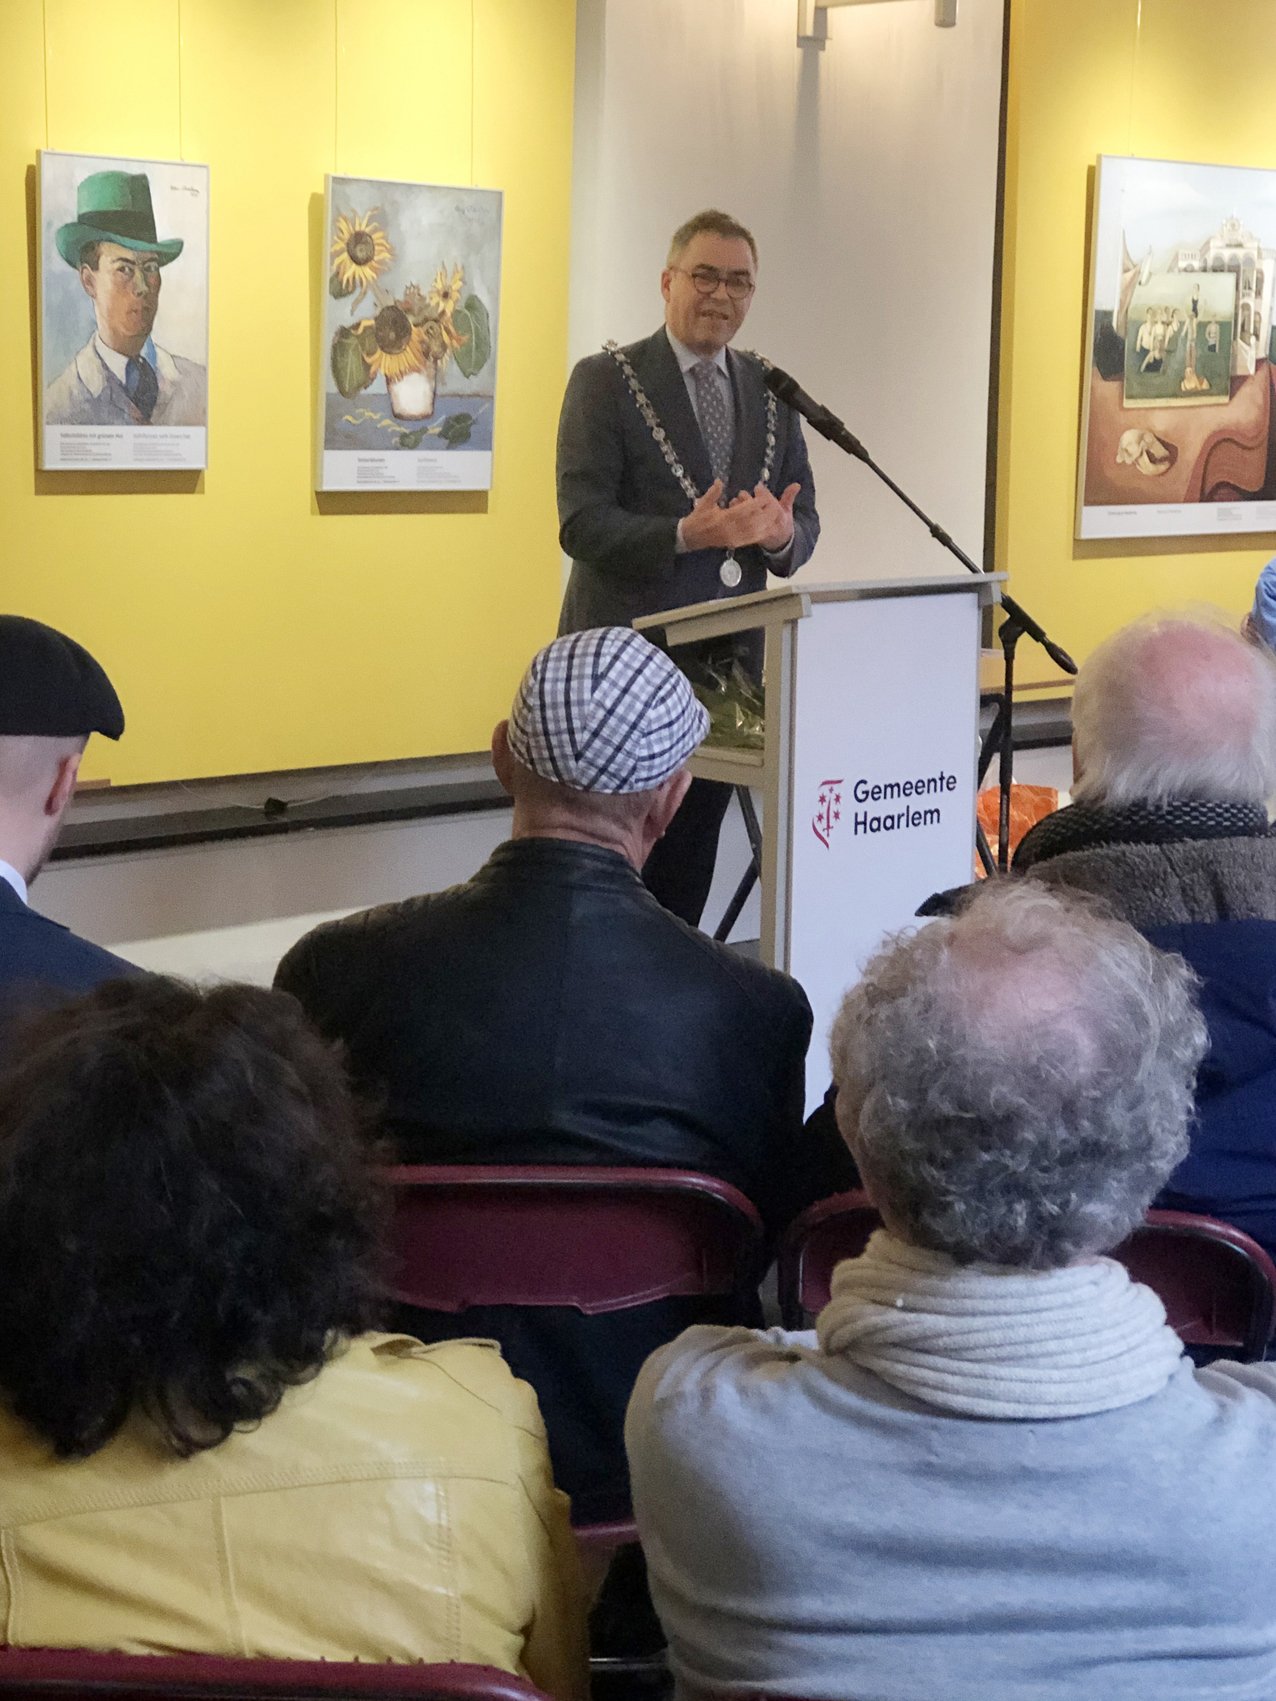 der Bürgermeister der Stadt Haarlem, Jos Wiener, bei der Ausstellungseröffnung